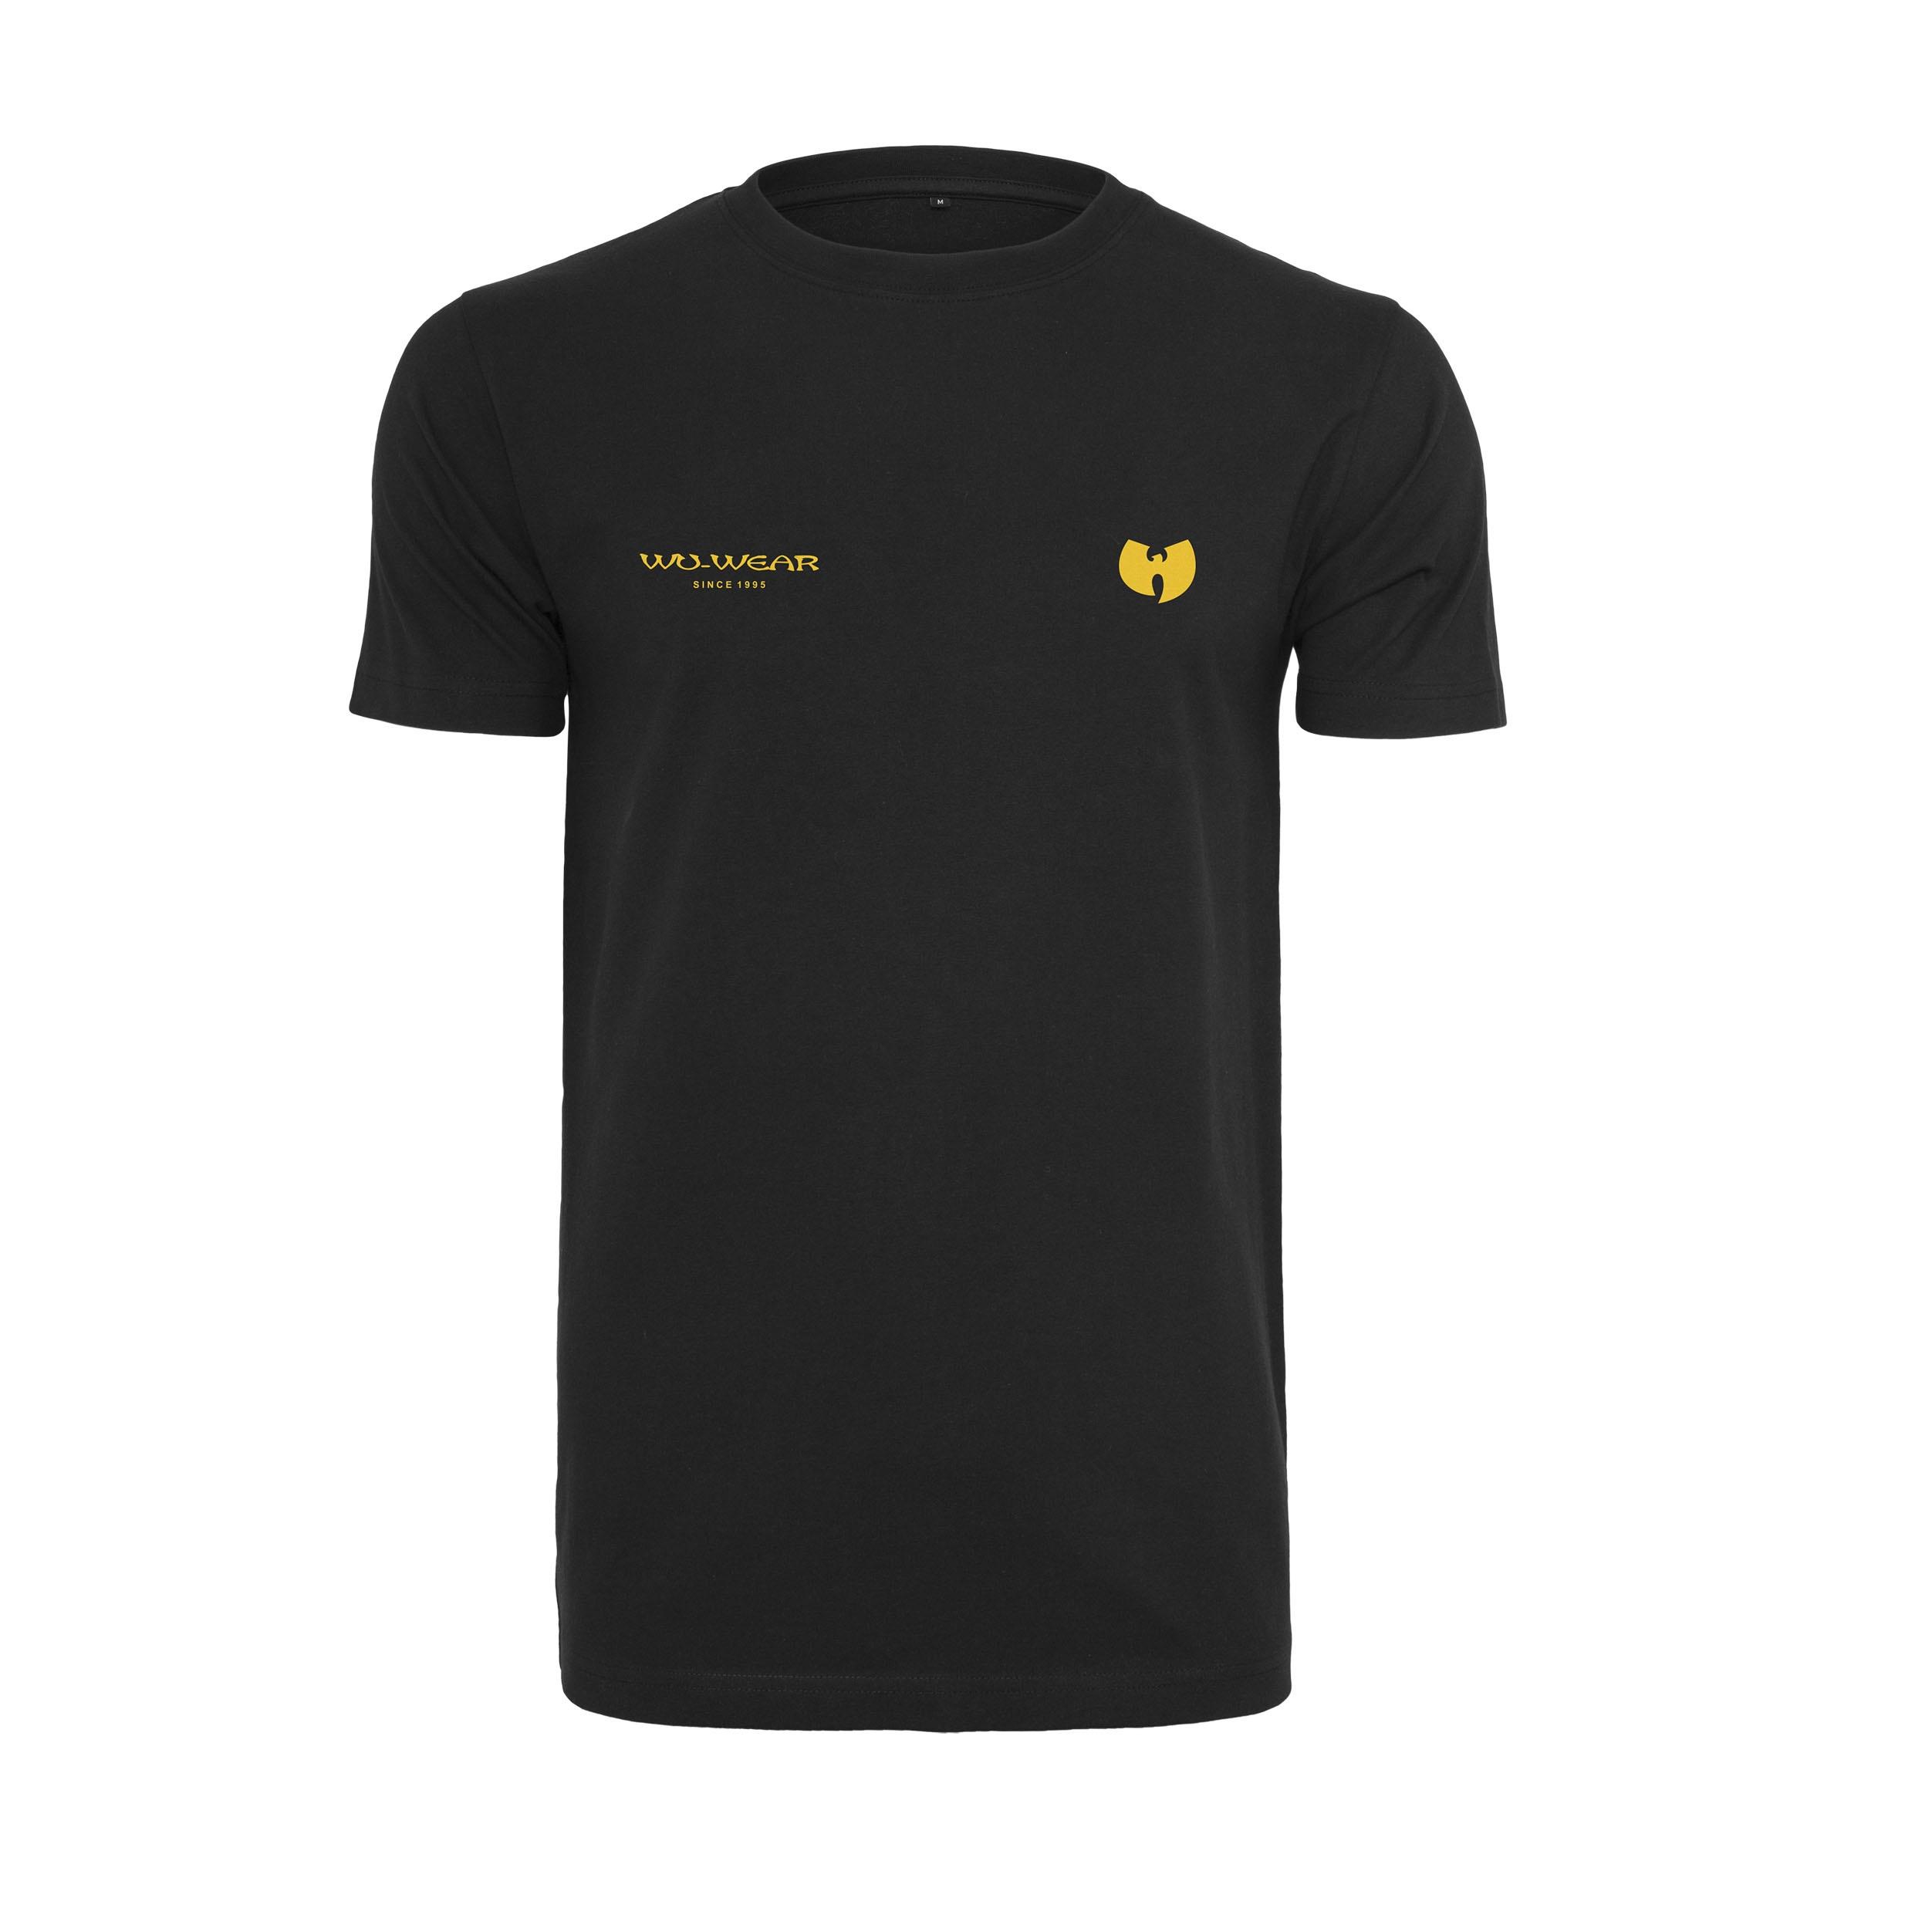 Wu-Tang Clan - Tričko Multiple Logo Tee - Muž, Čierna, S